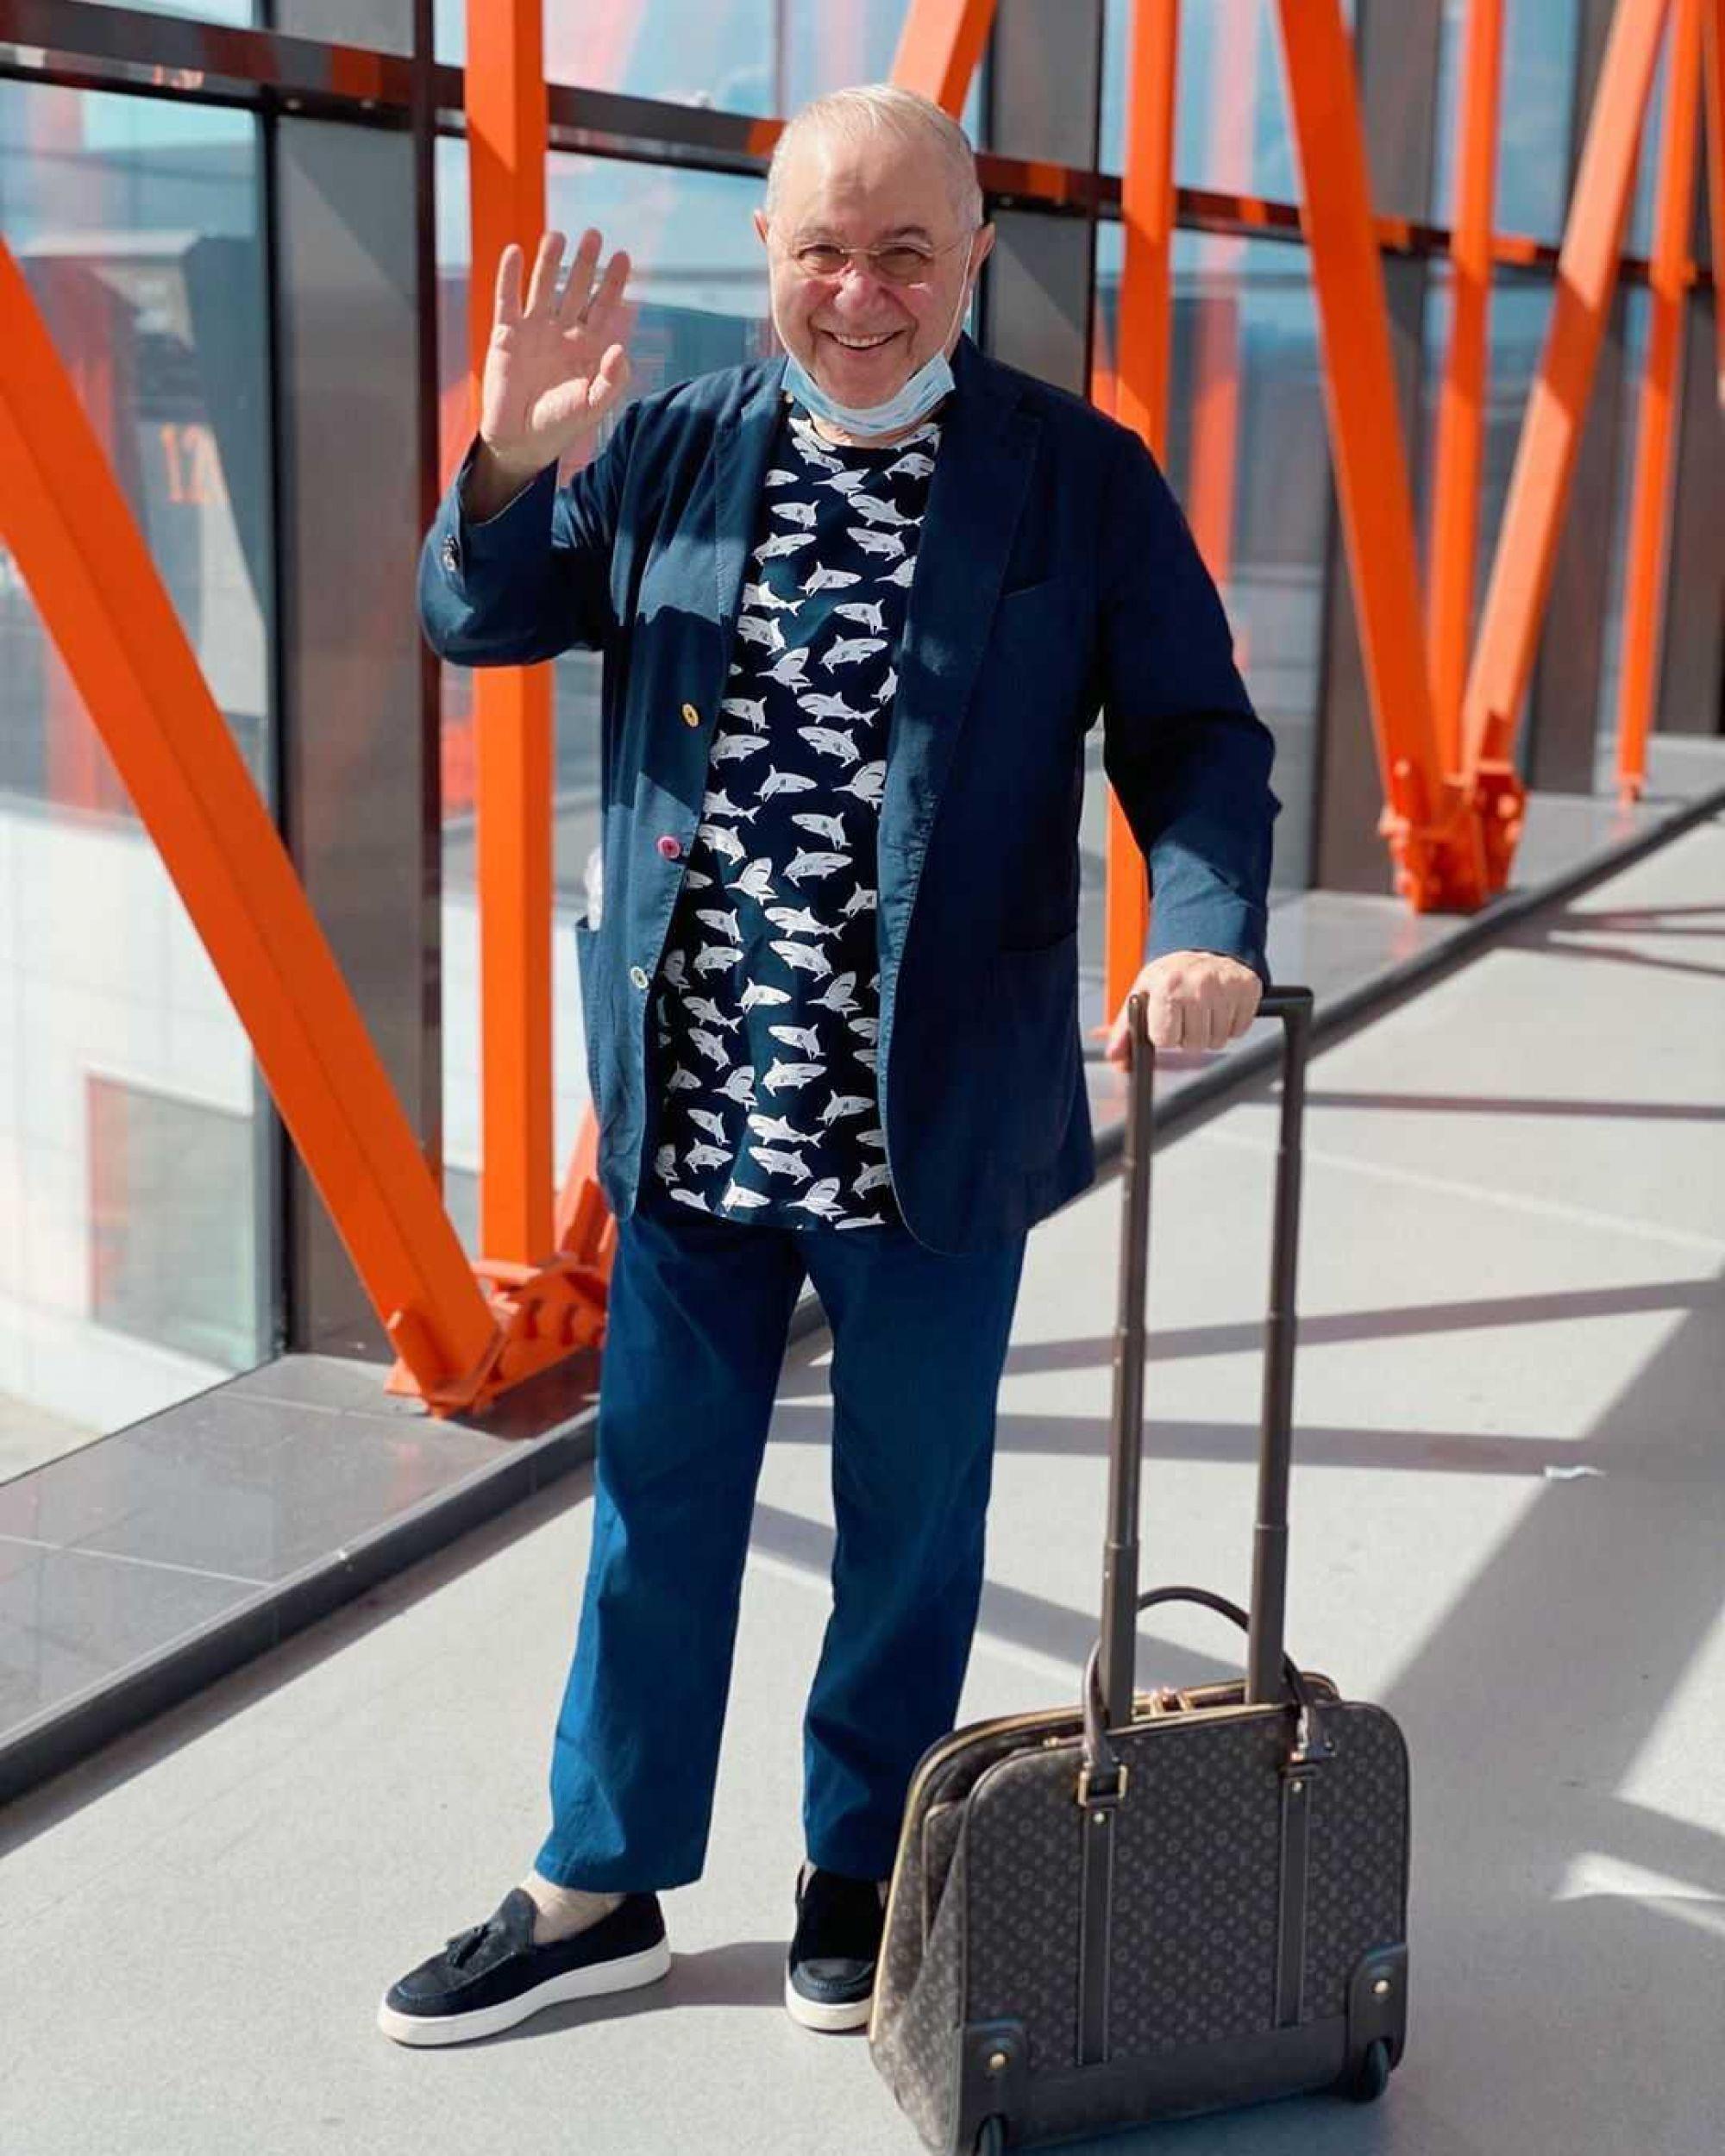 «Становлюсь все больше похож на отца»: Евгений Петросян порассуждал над своей внешностью